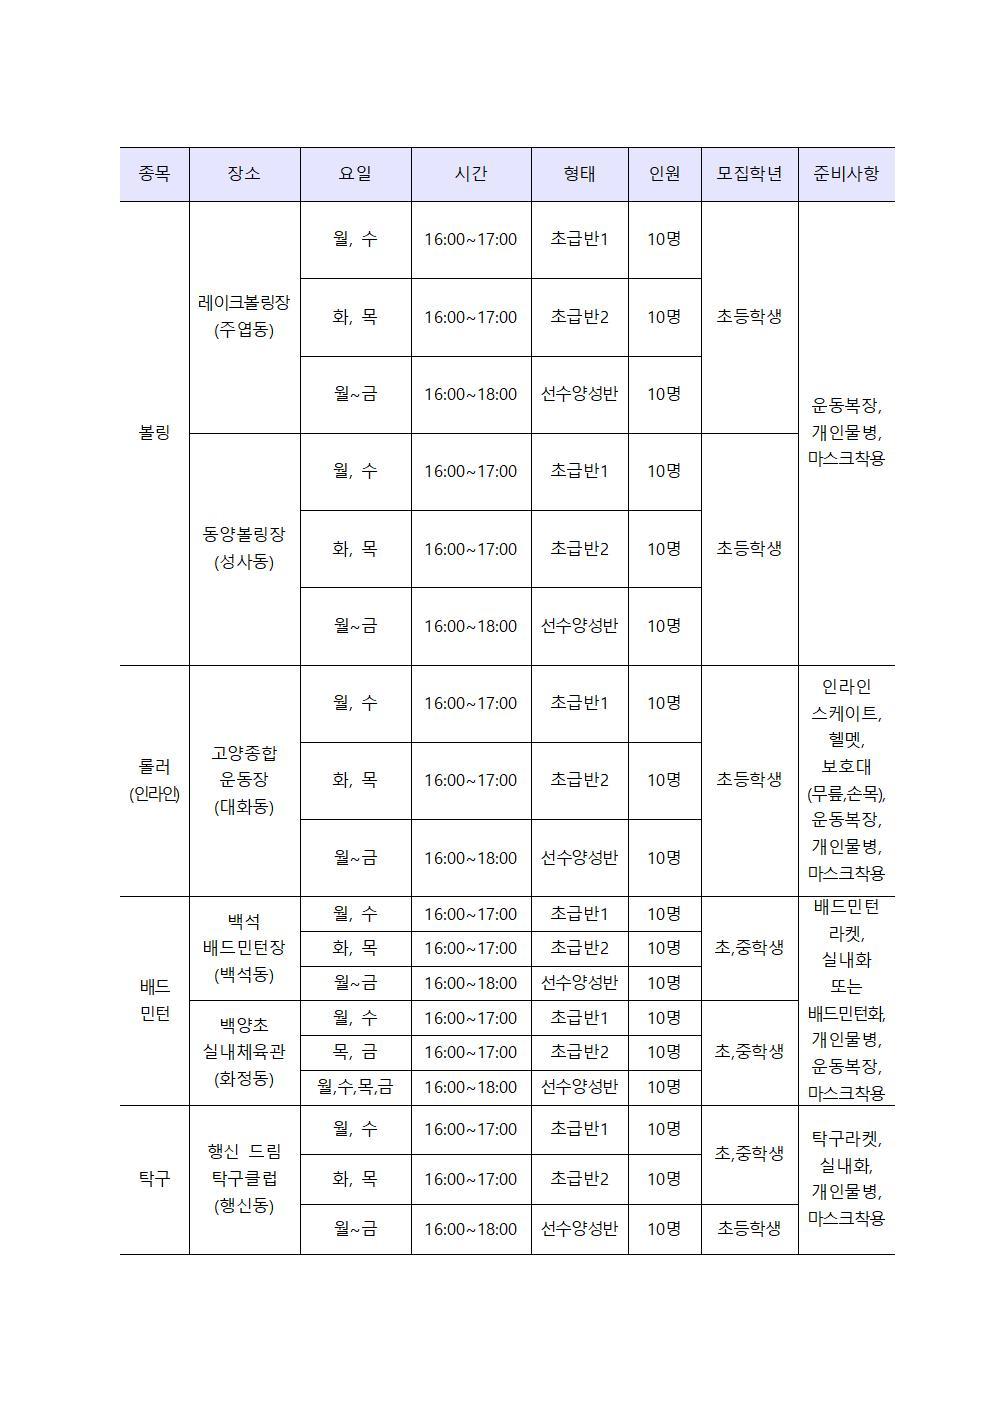 [일반] 2021 G-스포츠클럽(경기도형운동부) 회원 모집의 첨부이미지 2